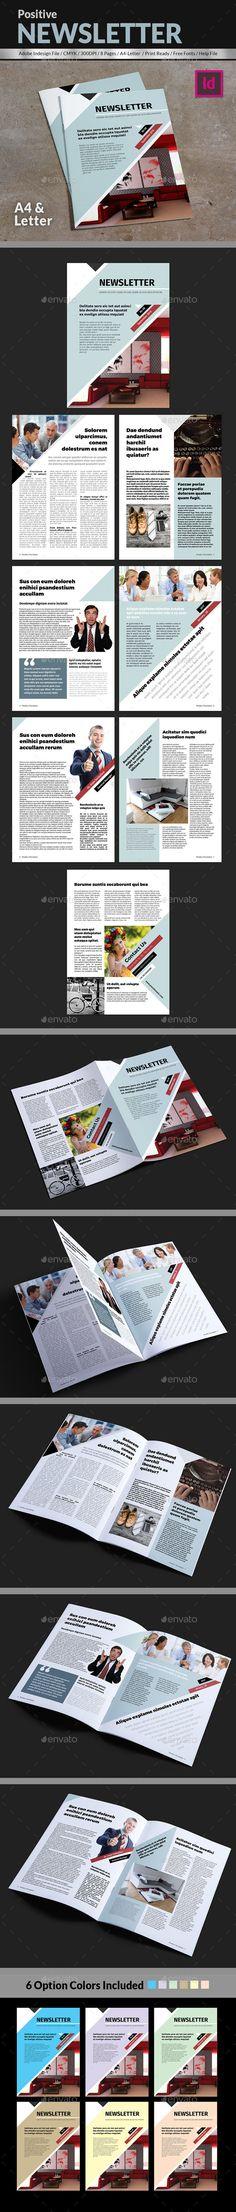 Buy newsletter ideas